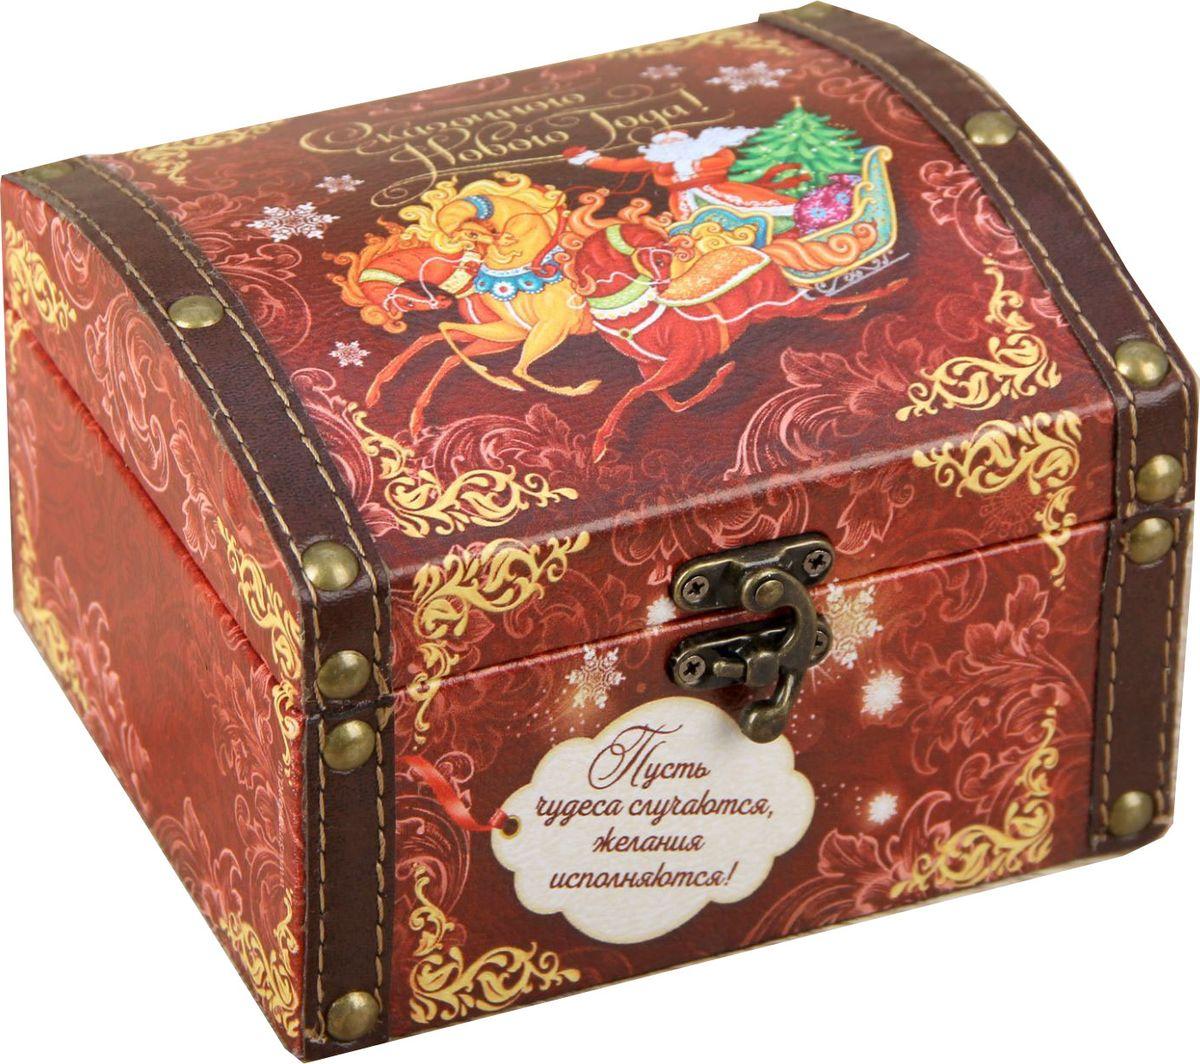 Шкатулка Sima-land Сказочного Нового года, цвет: коричневый, 15 х 10 х 13 см1965029Шкатулка — это небольшой сувенир, а также оригинальная упаковка подарка. Она дополнит интерьер спальни, гостиной или прихожей. Изделие предназначено для хранения украшений: колец, браслетов, часов, цепочек, колье, сережек и прочих предметов.